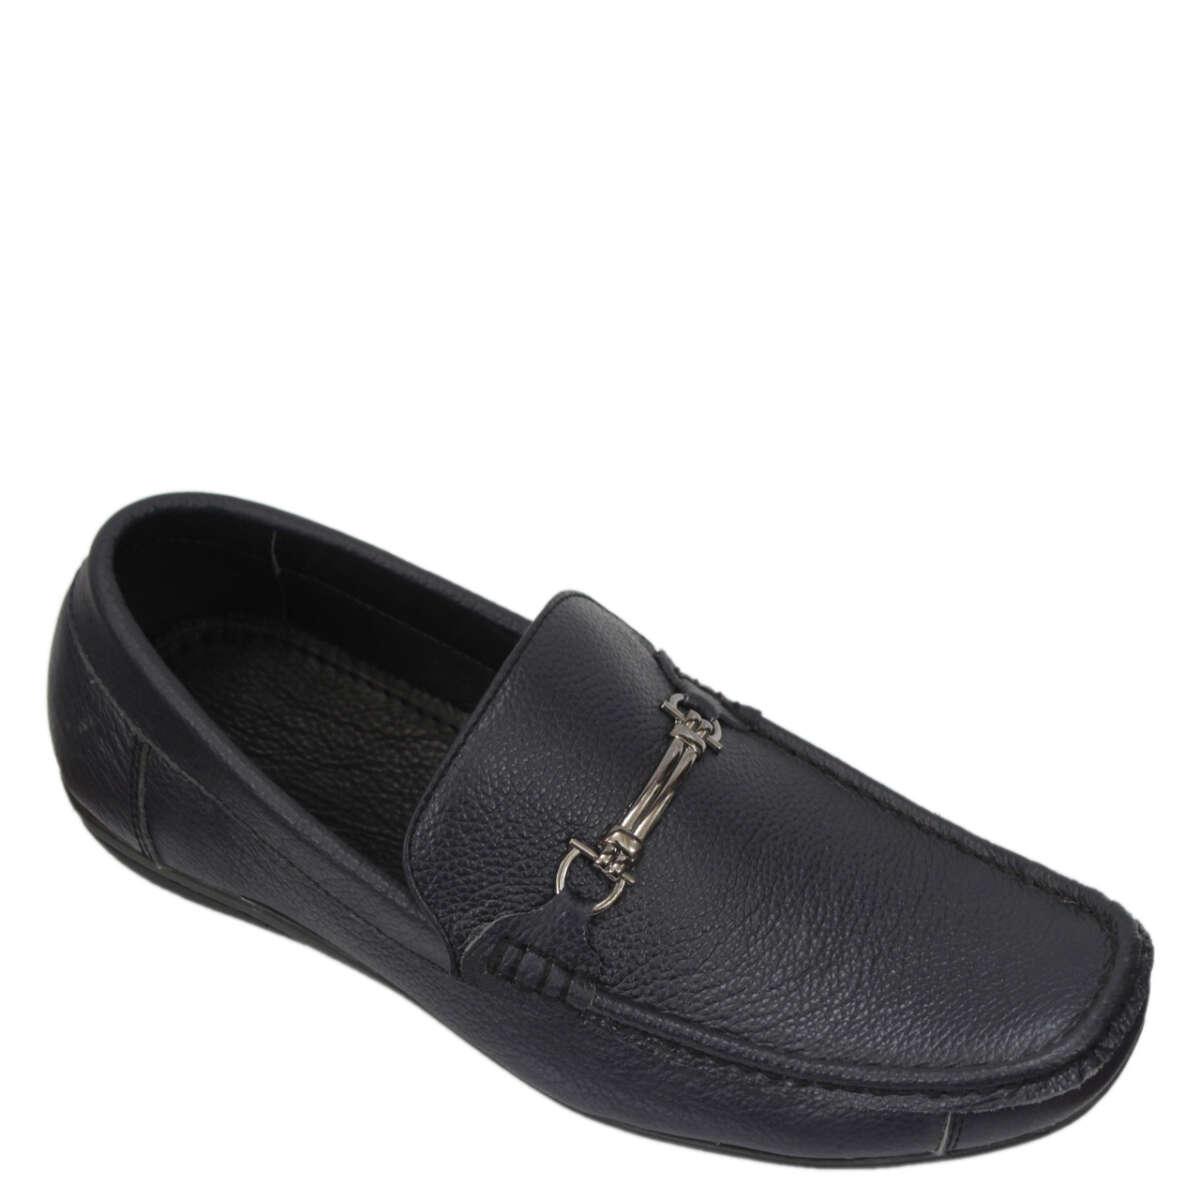 Giày lười nam da bò B862a